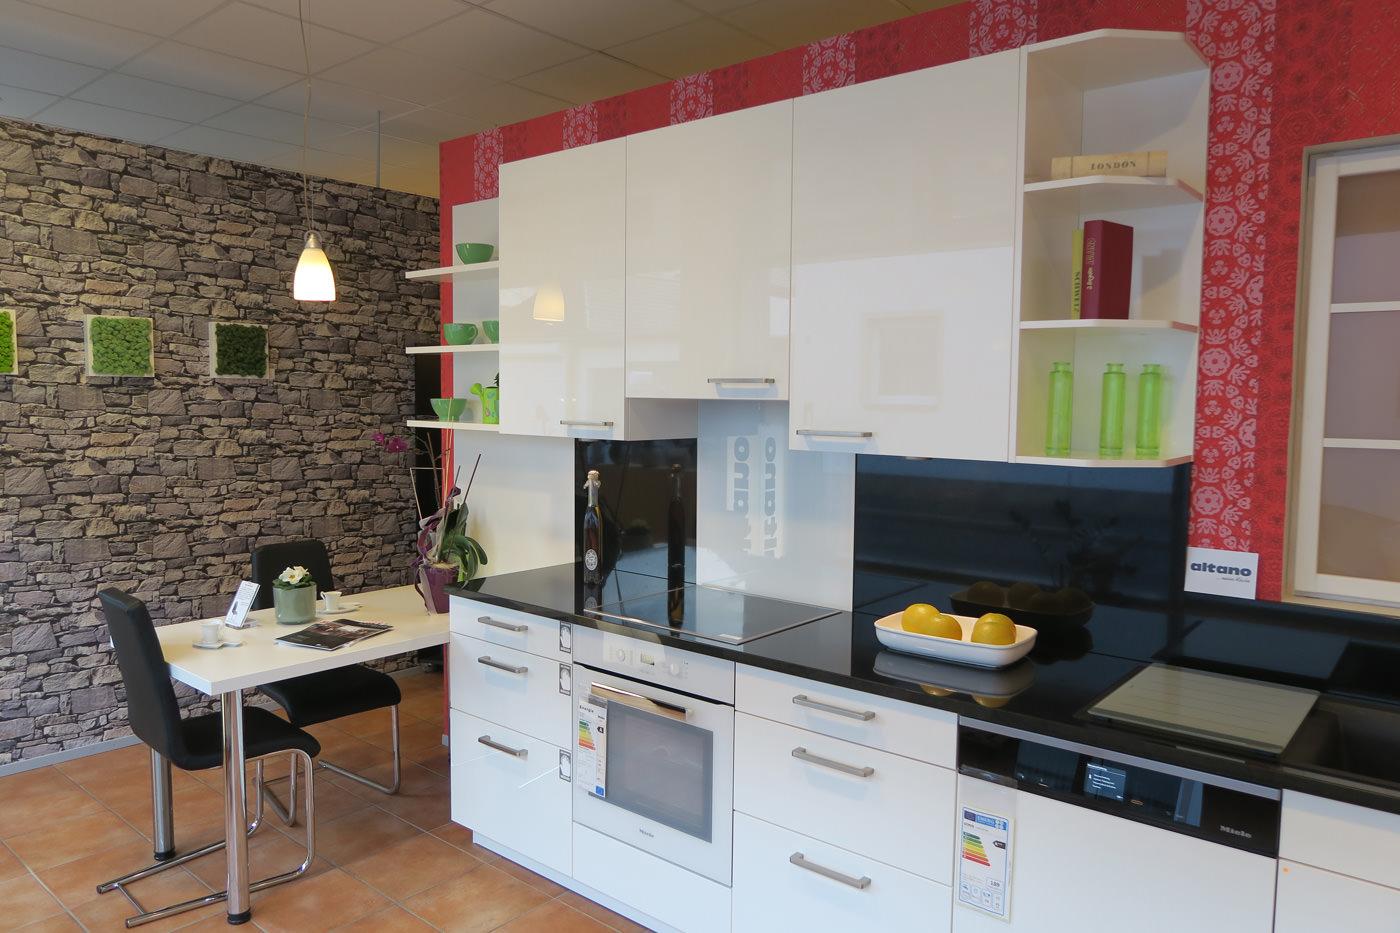 Full Size of Küche Finanzieren Hannover Küche Finanzieren Trotz Negativer Schufa Ikea Küche Finanzieren Küche Finanzieren Ja Oder Nein Küche Küche Finanzieren